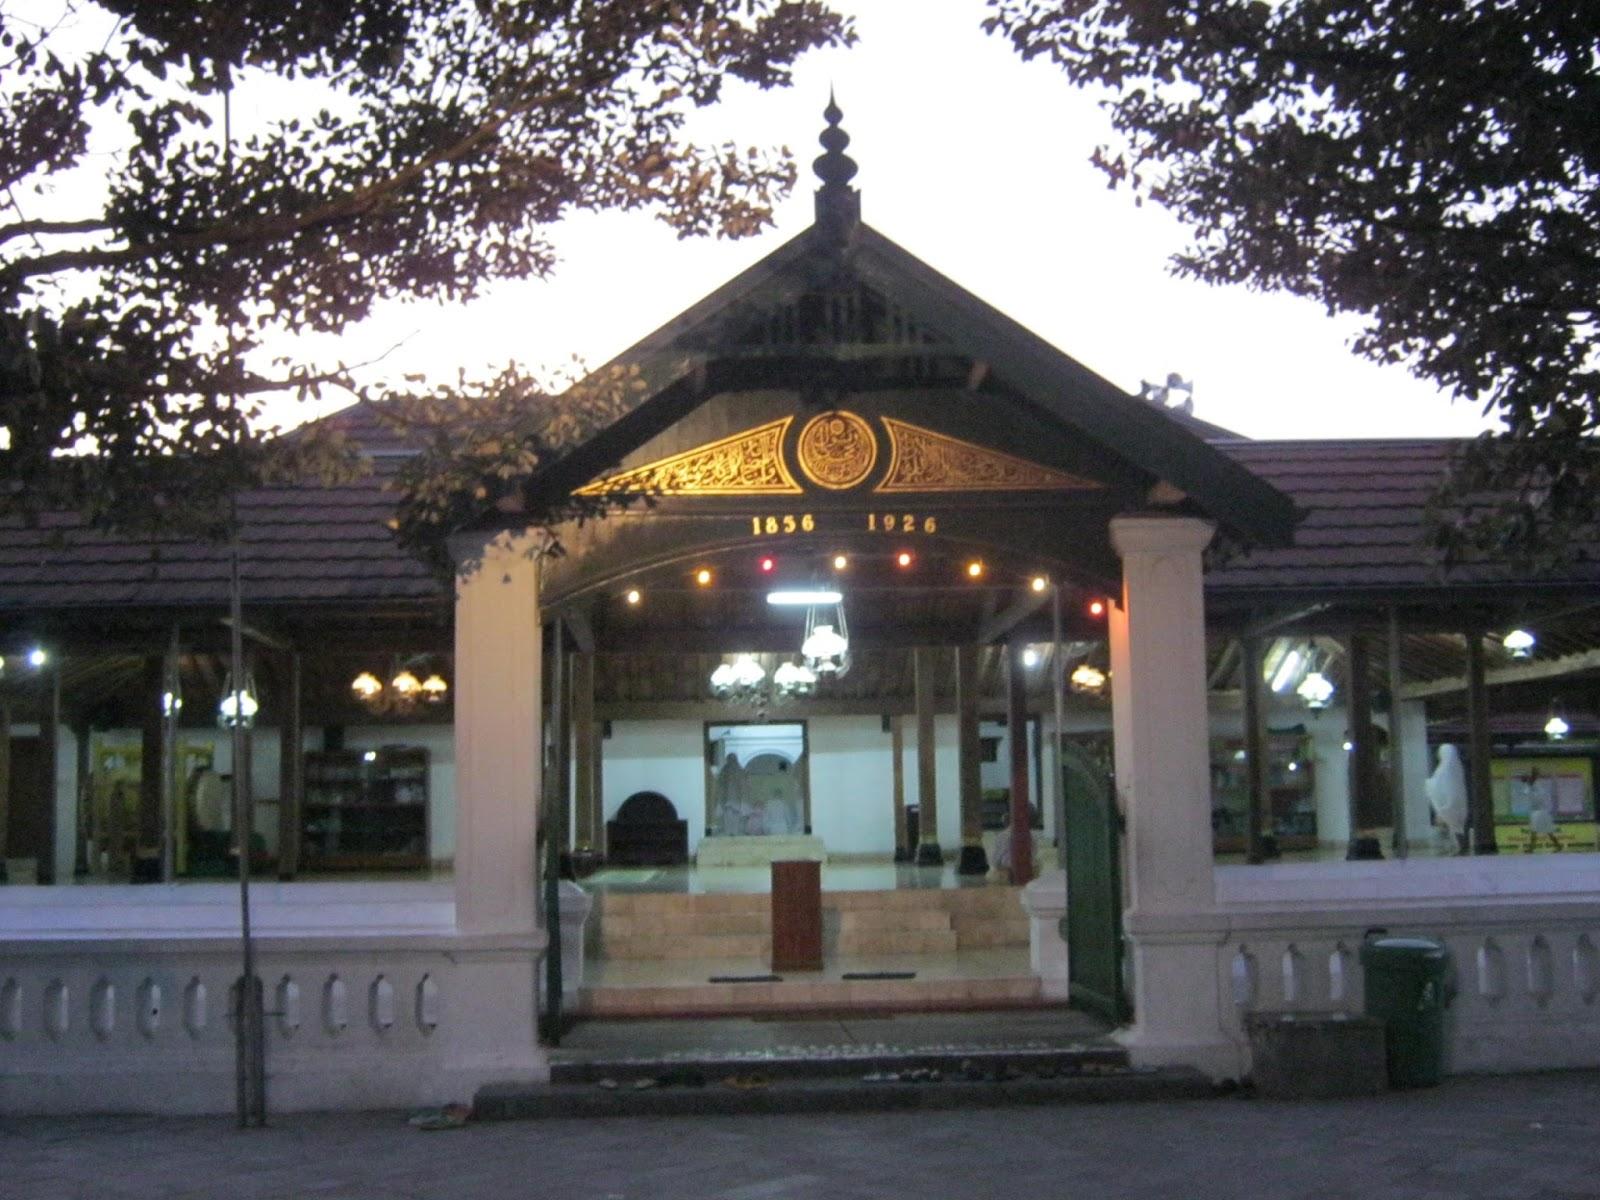 Masjid peninggalan Kerajaan Mataram di Kotagede (foto: jelajah-masjid.blogspot.com)